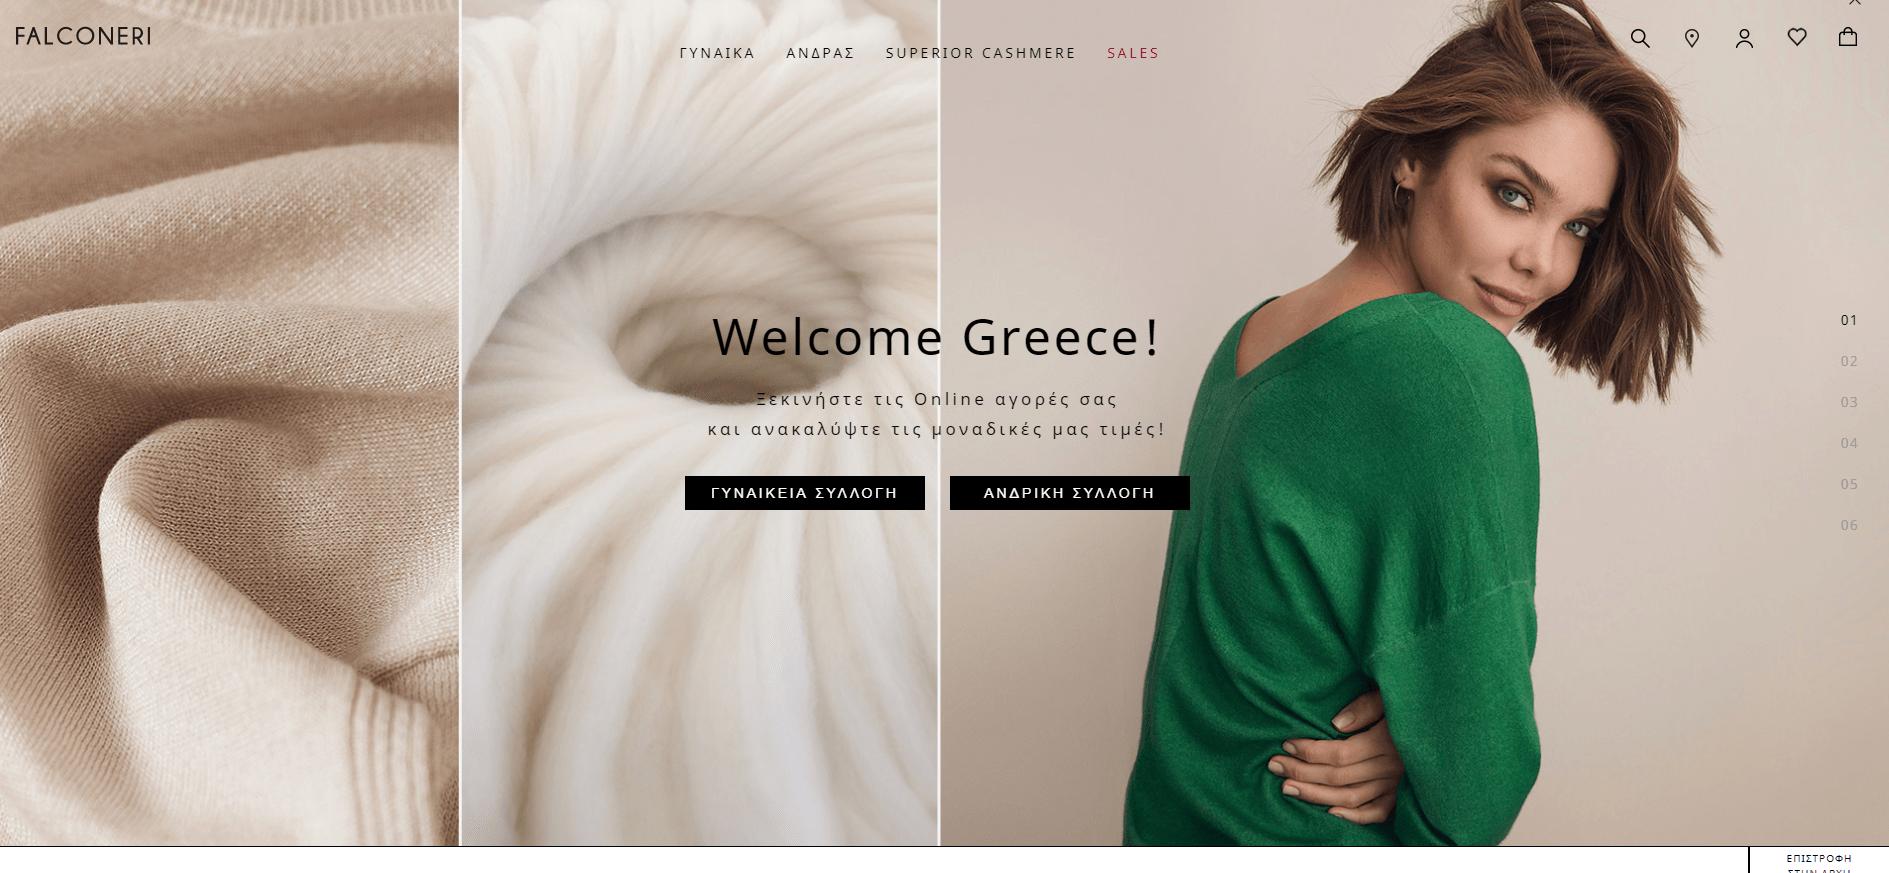 GR.FALCONERI.COM - Νέο ESHOP στην Ελλάδα - Η άφιξη του Falconeri online eshop στην Ελλάδα είναι γεγονός!